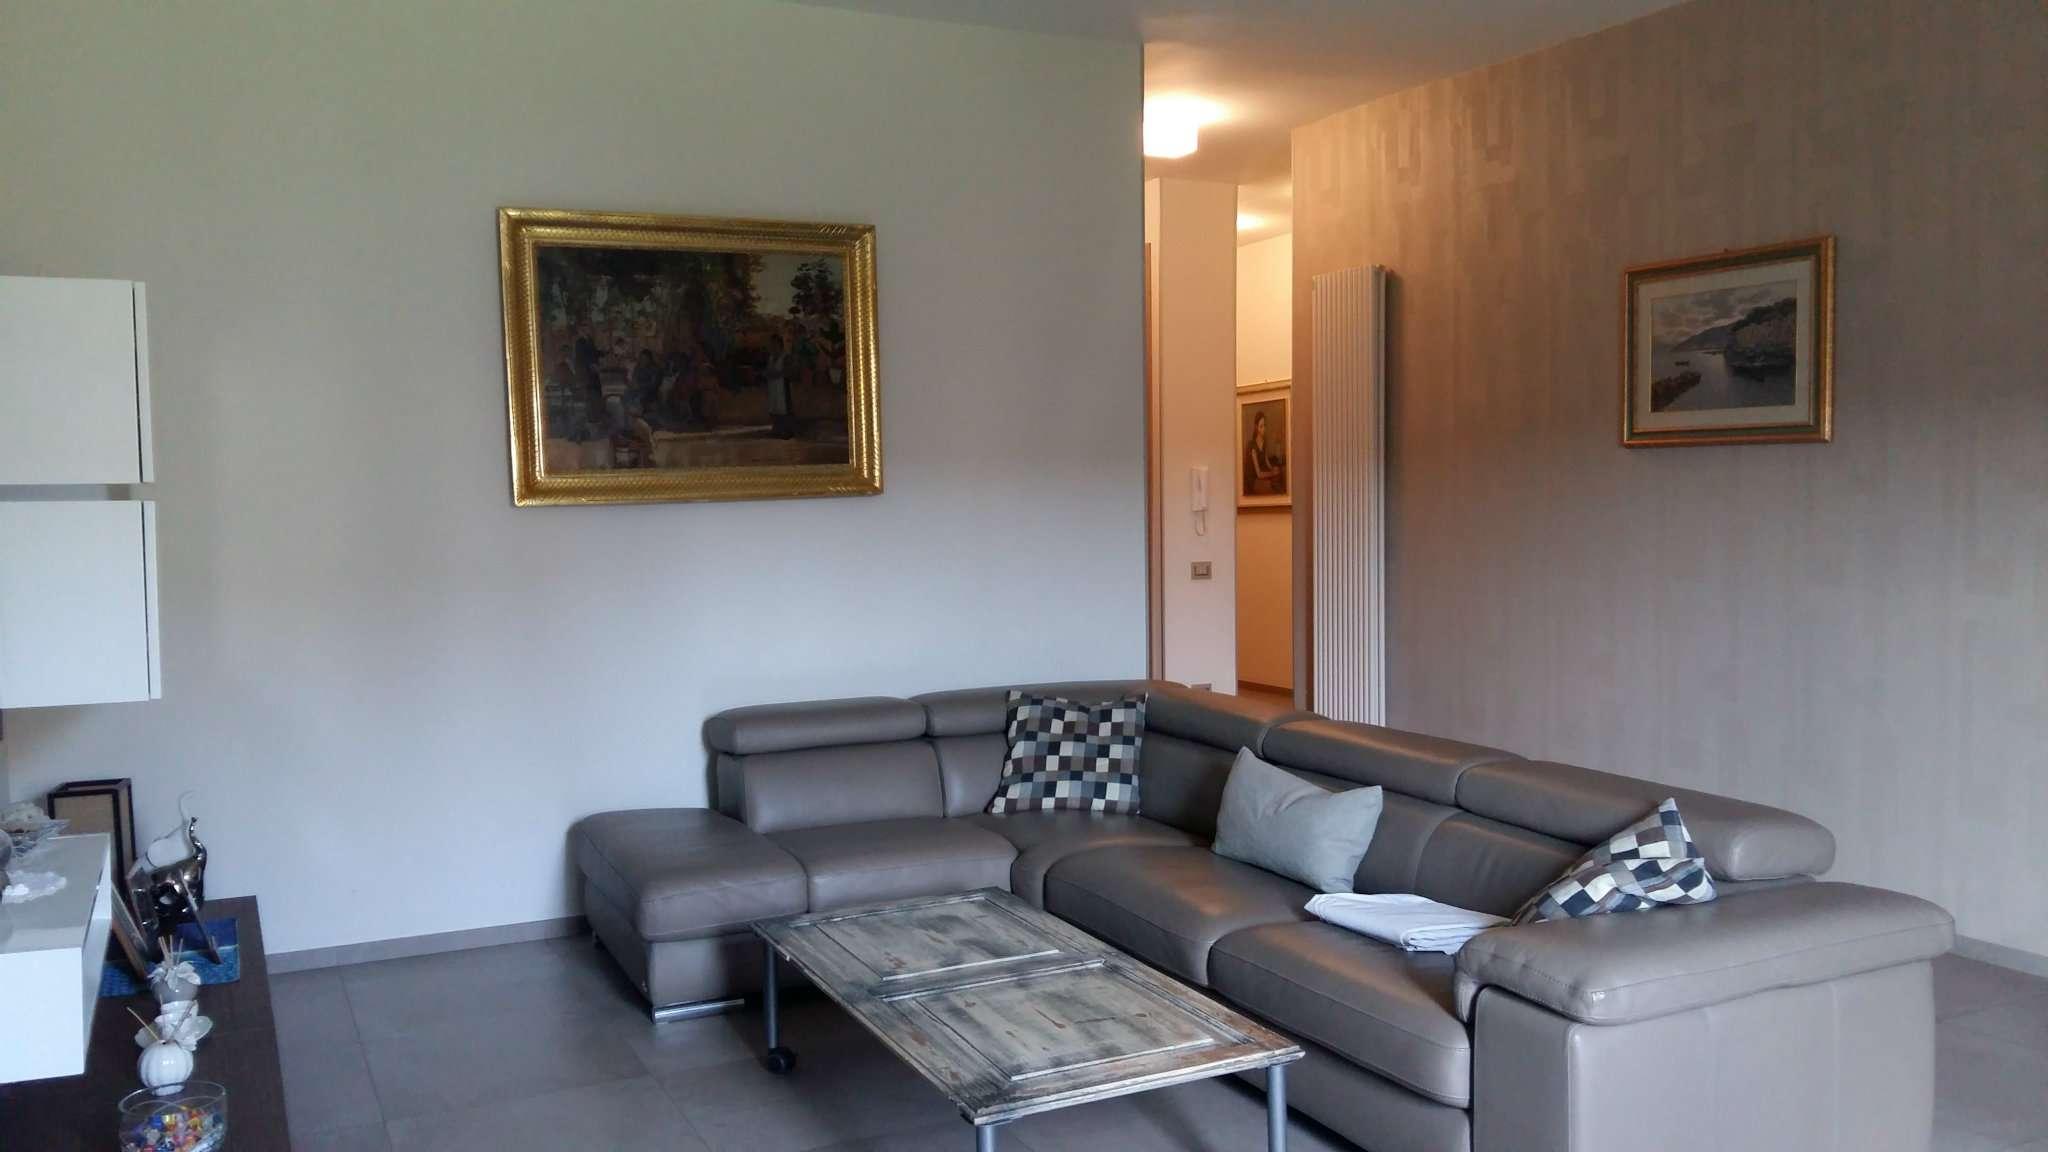 Appartamento in vendita a Frattamaggiore, 9999 locali, Trattative riservate | CambioCasa.it